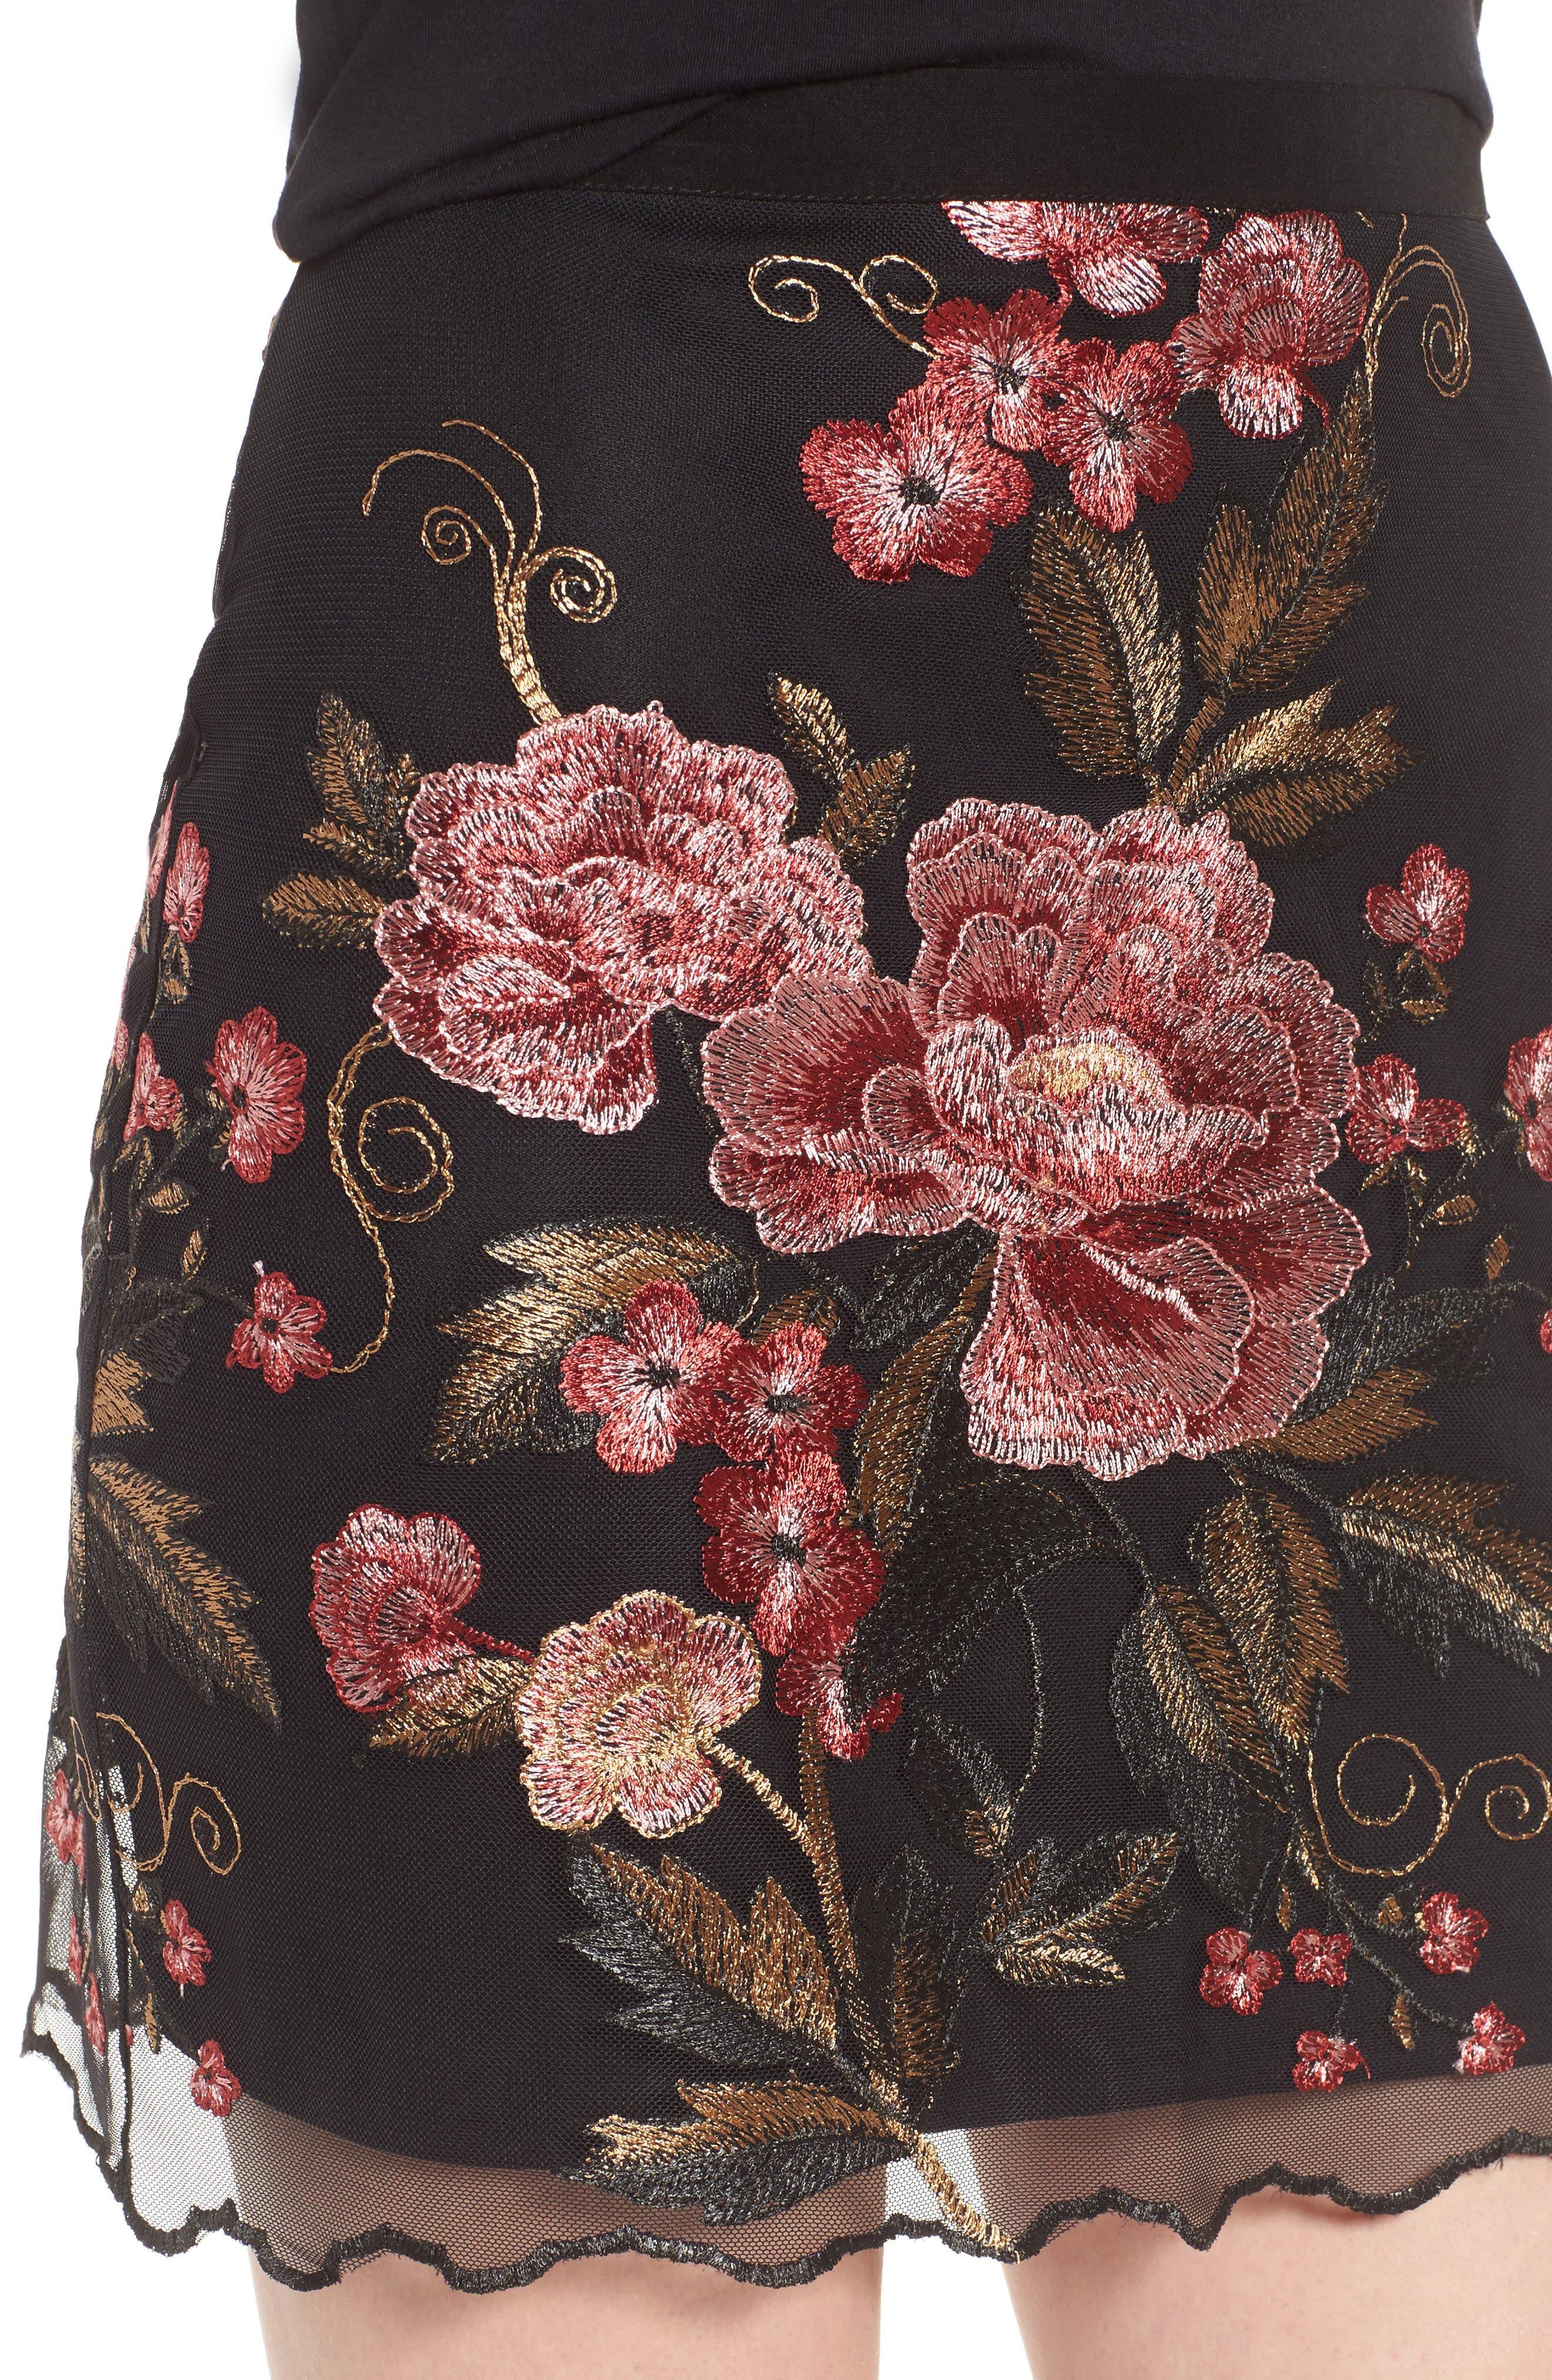 Sunset Embroidered Skirt,                             Alternate thumbnail 5, color,                             Black/ Rose